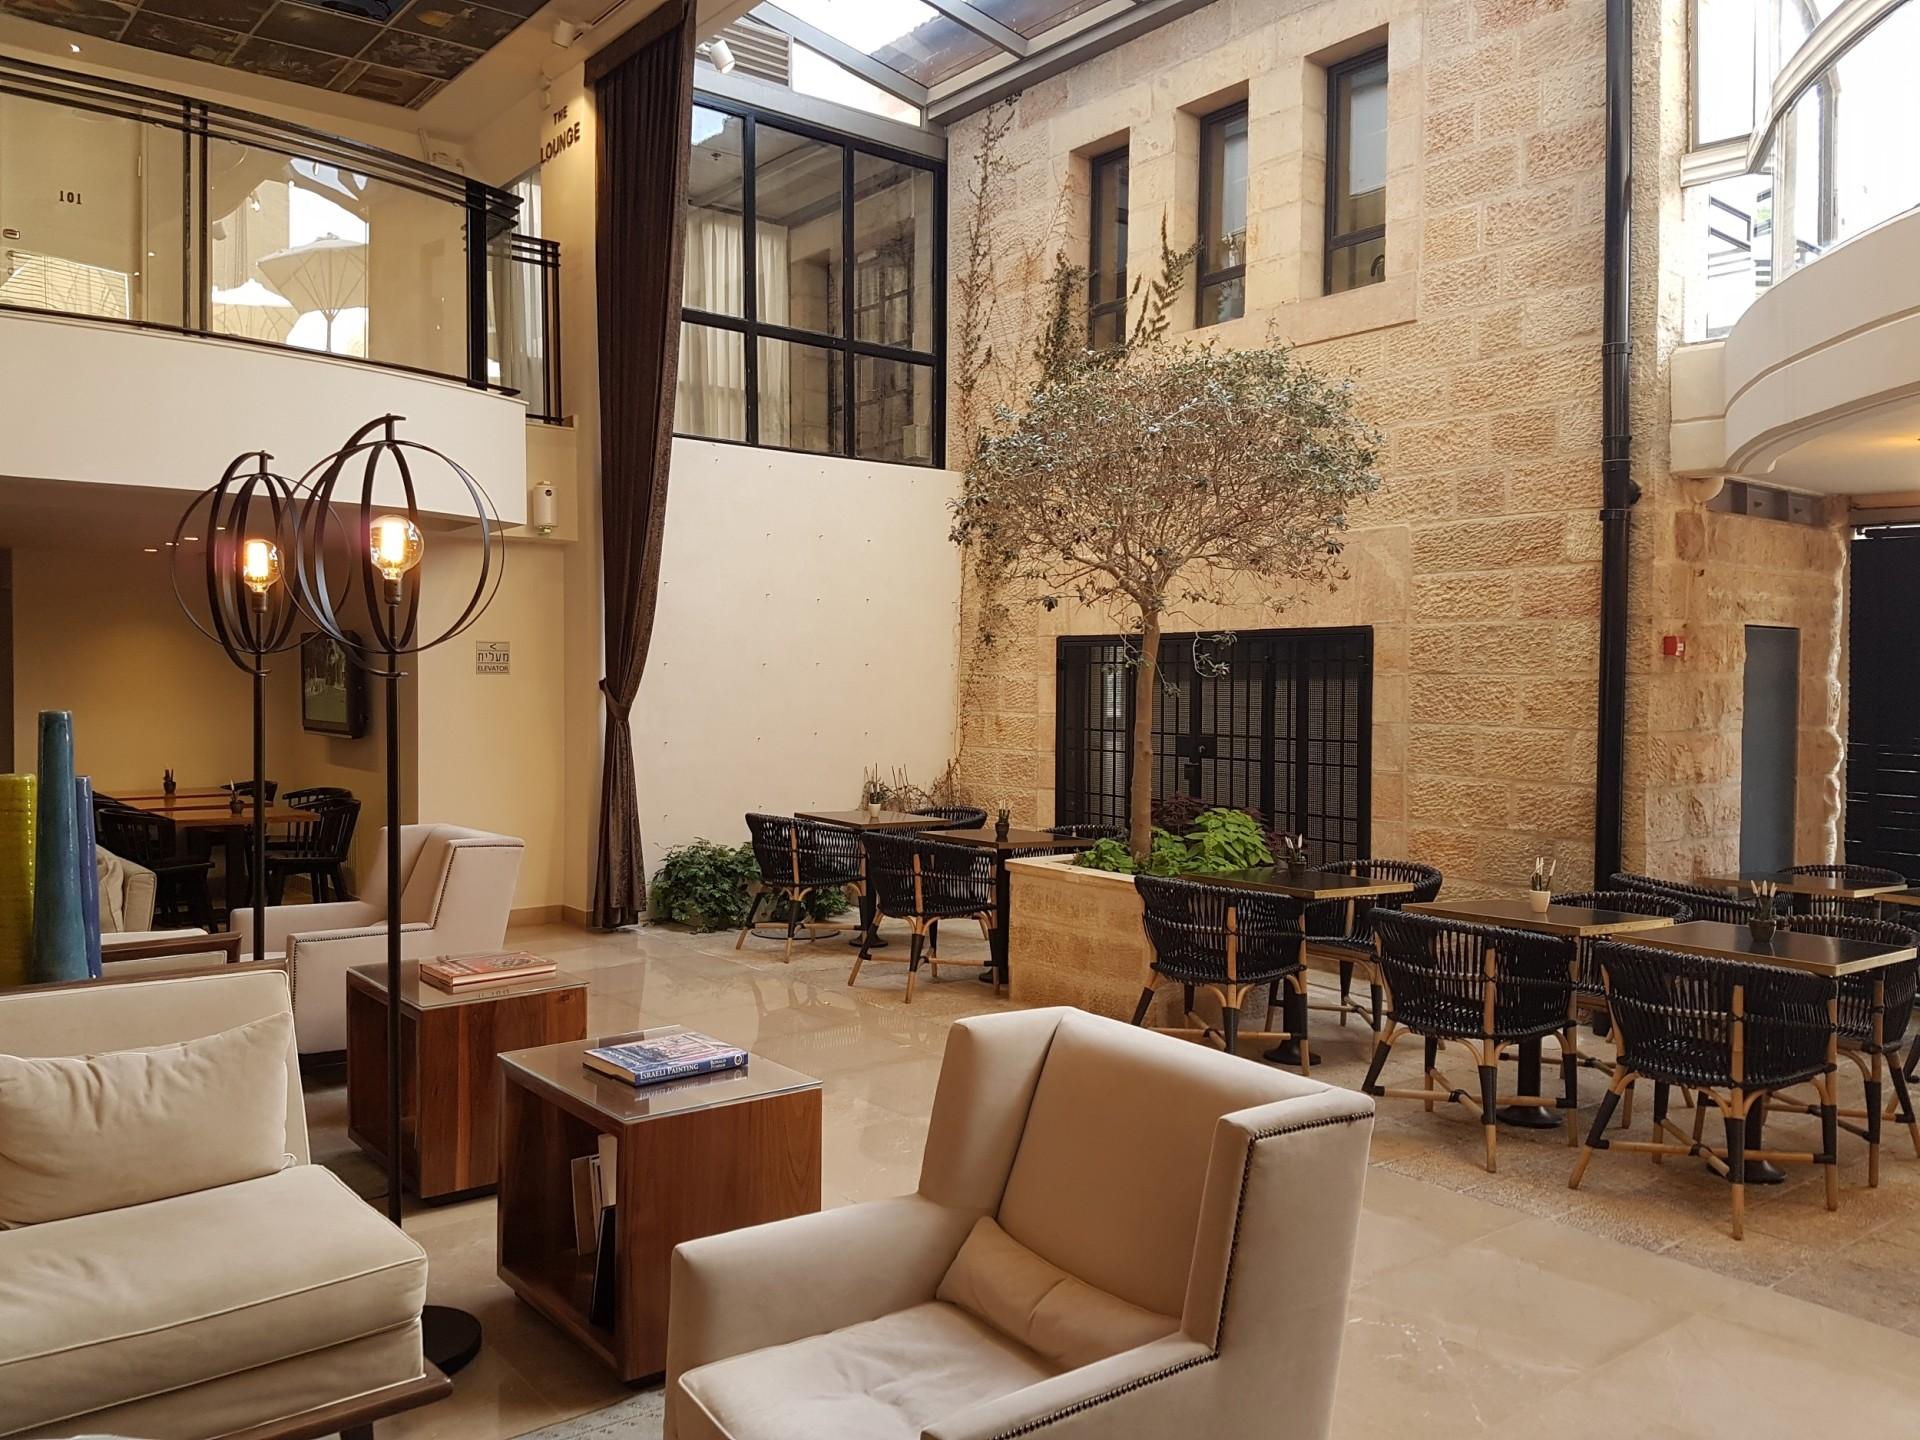 Hotel The Harmony, Jeruzalem, Israël